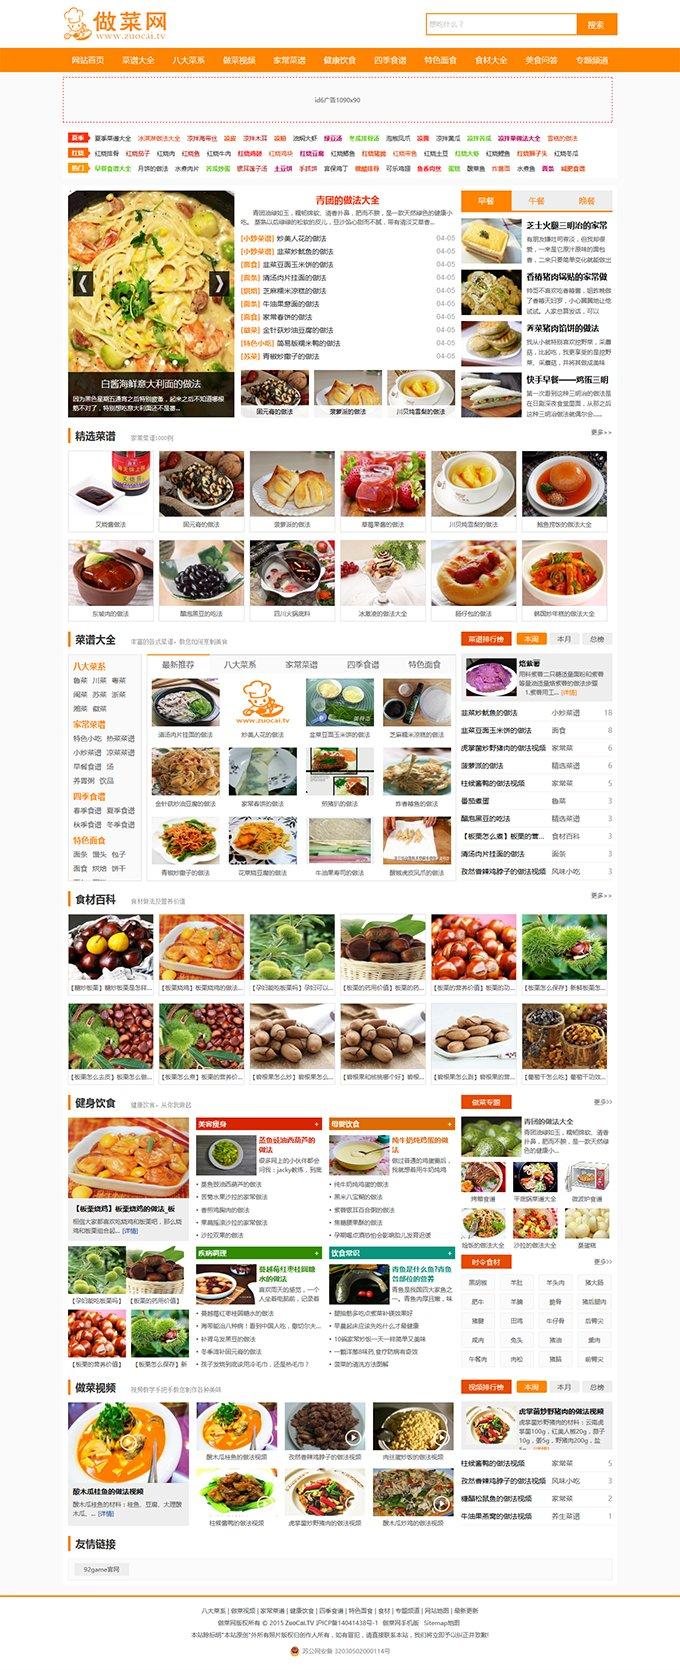 帝国CMS菜谱网站模板,92kaifa帝国学做菜网站源码下载